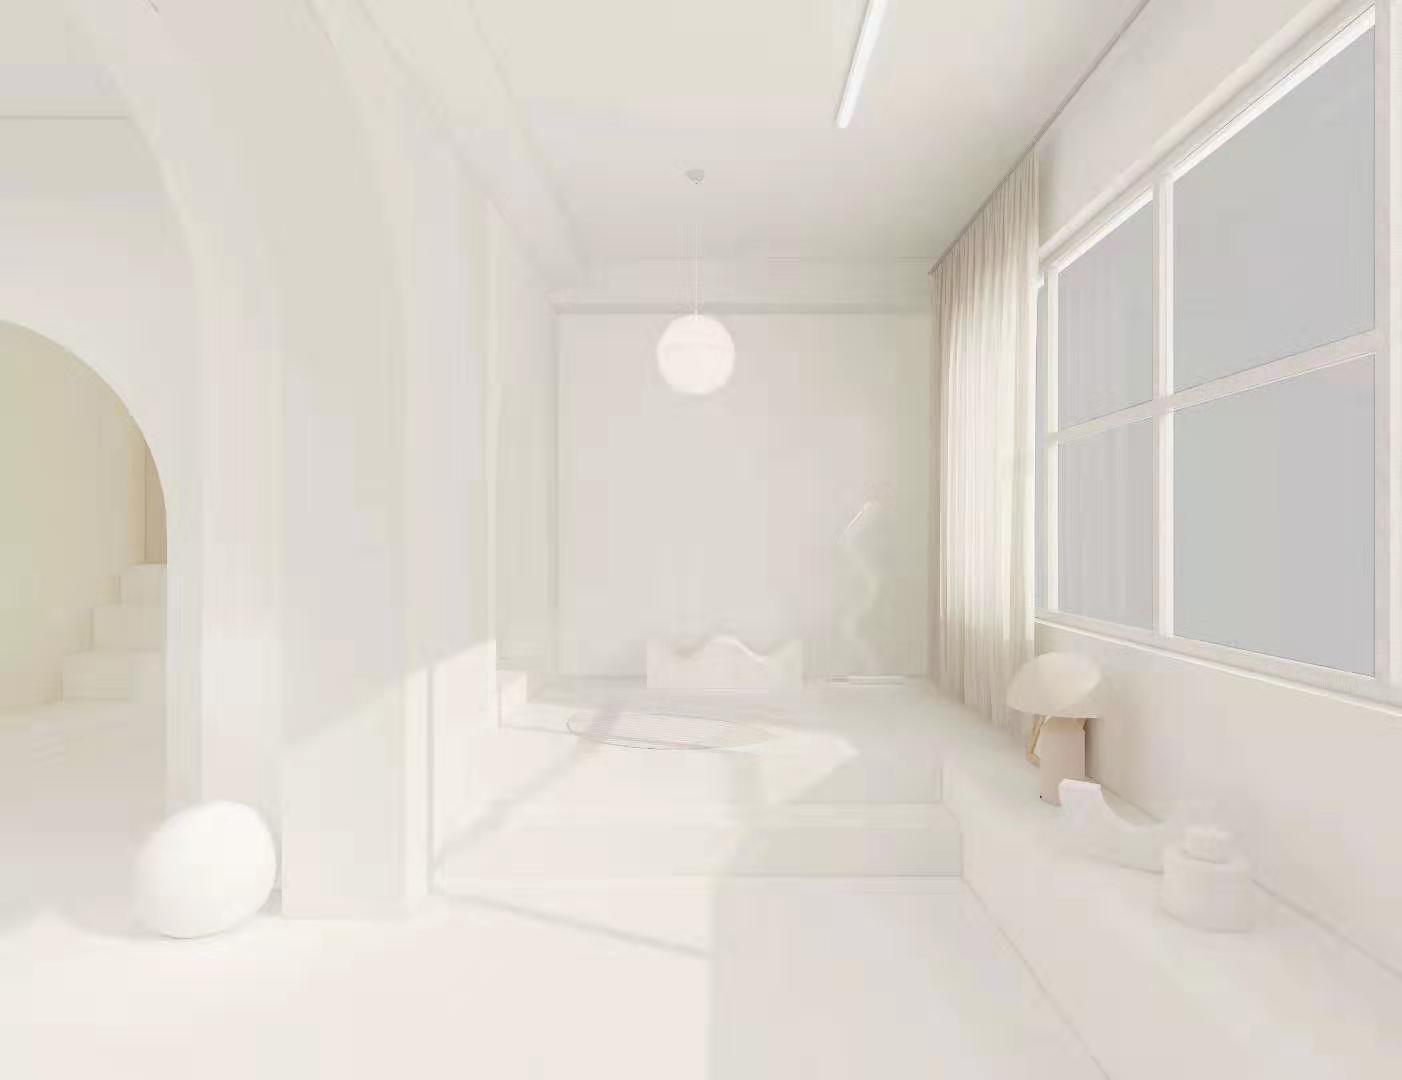 廣州裝修設計師白空間攝影基地